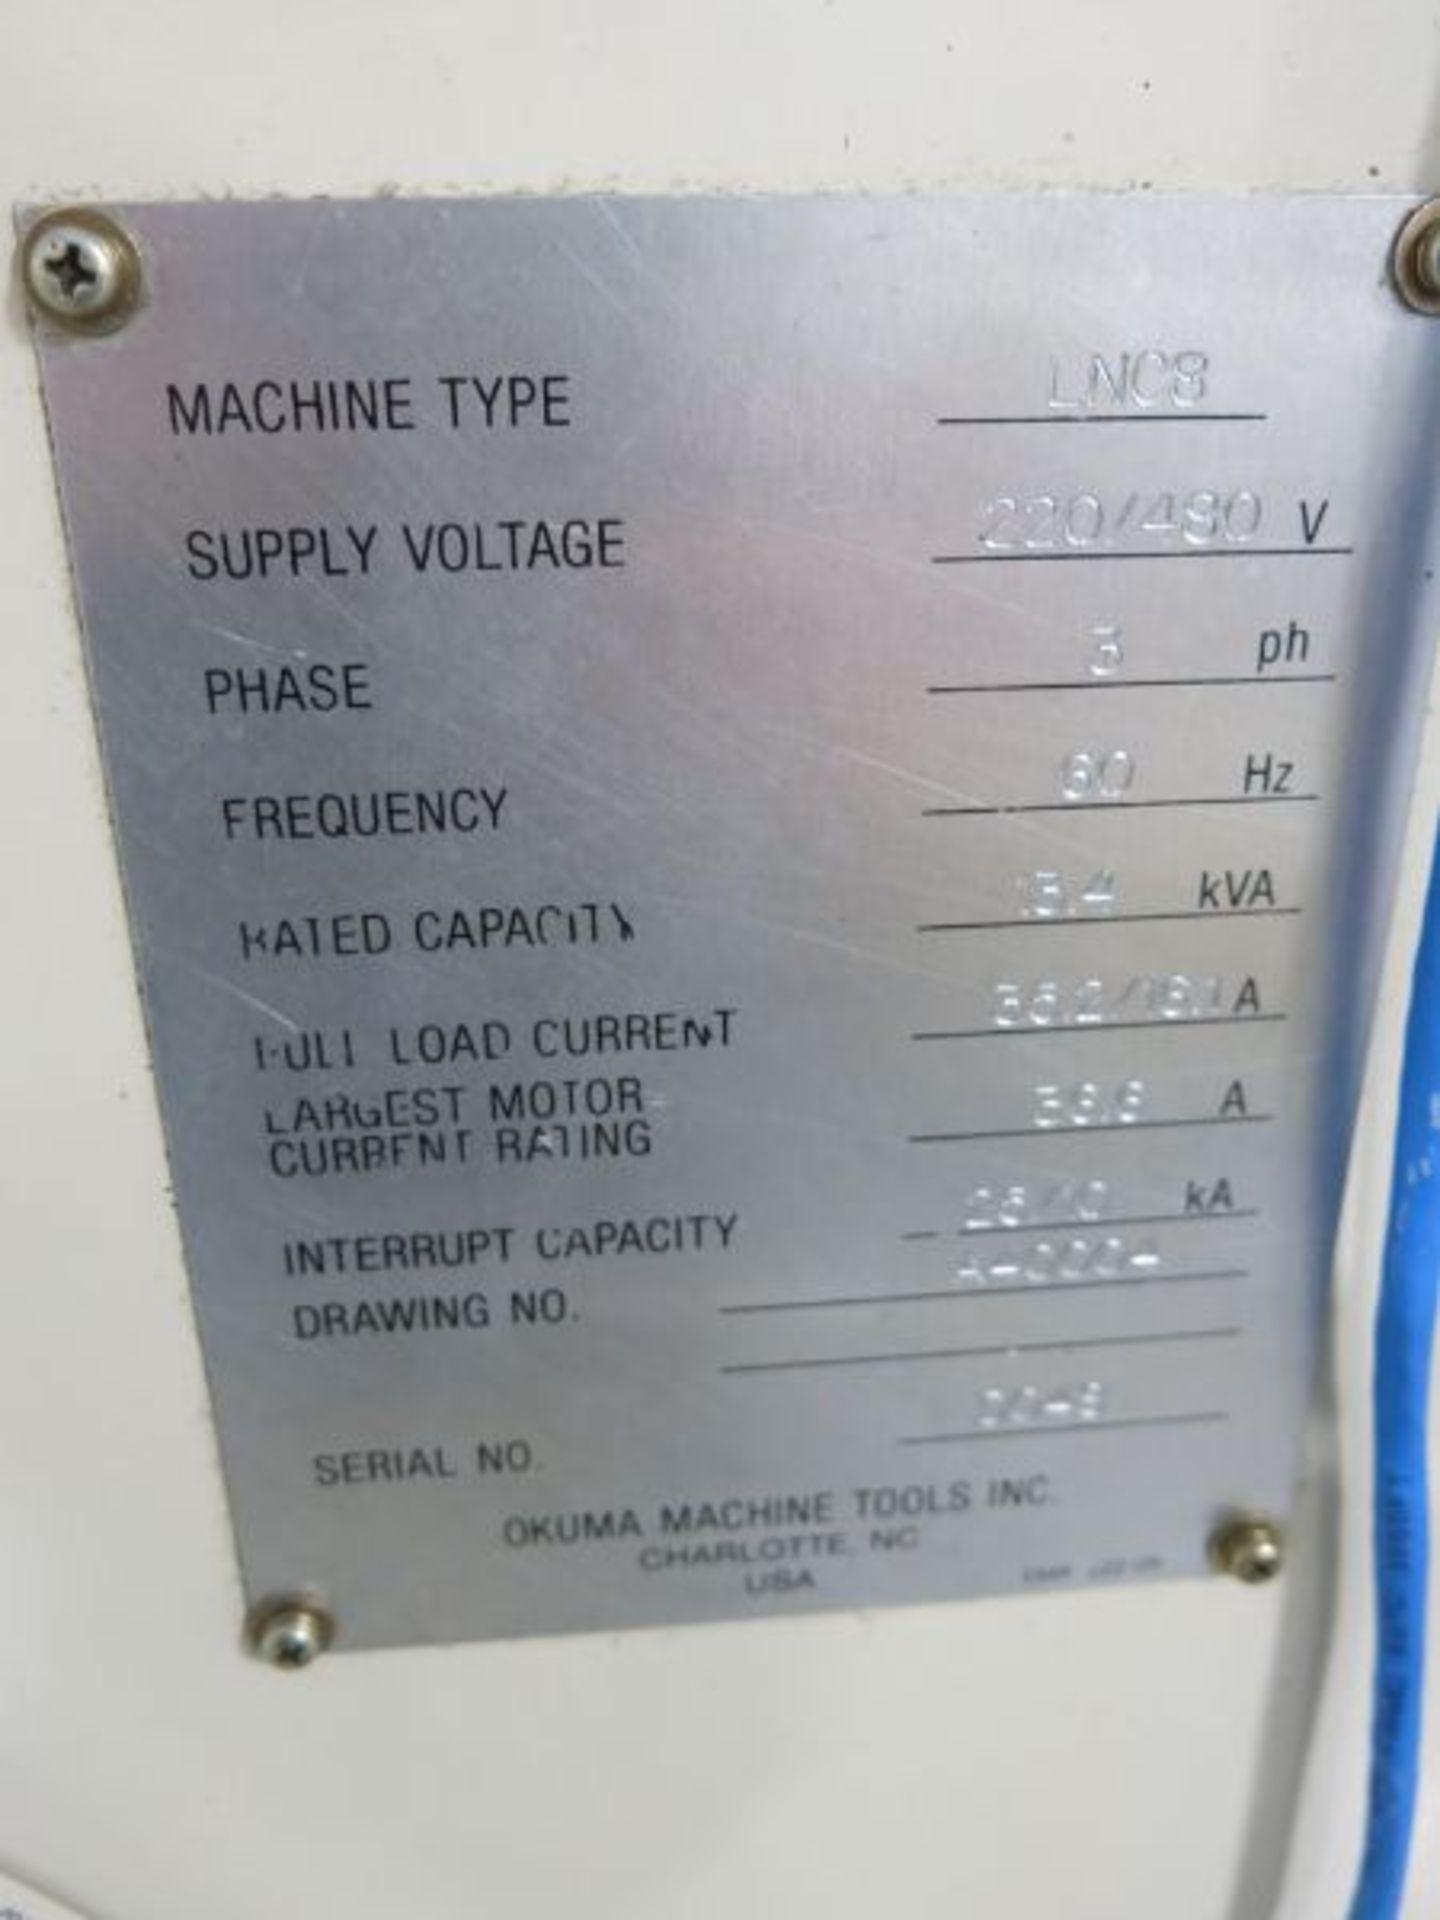 1997 Okuma Cadet LNC8 CNC Turning Center - Image 7 of 7